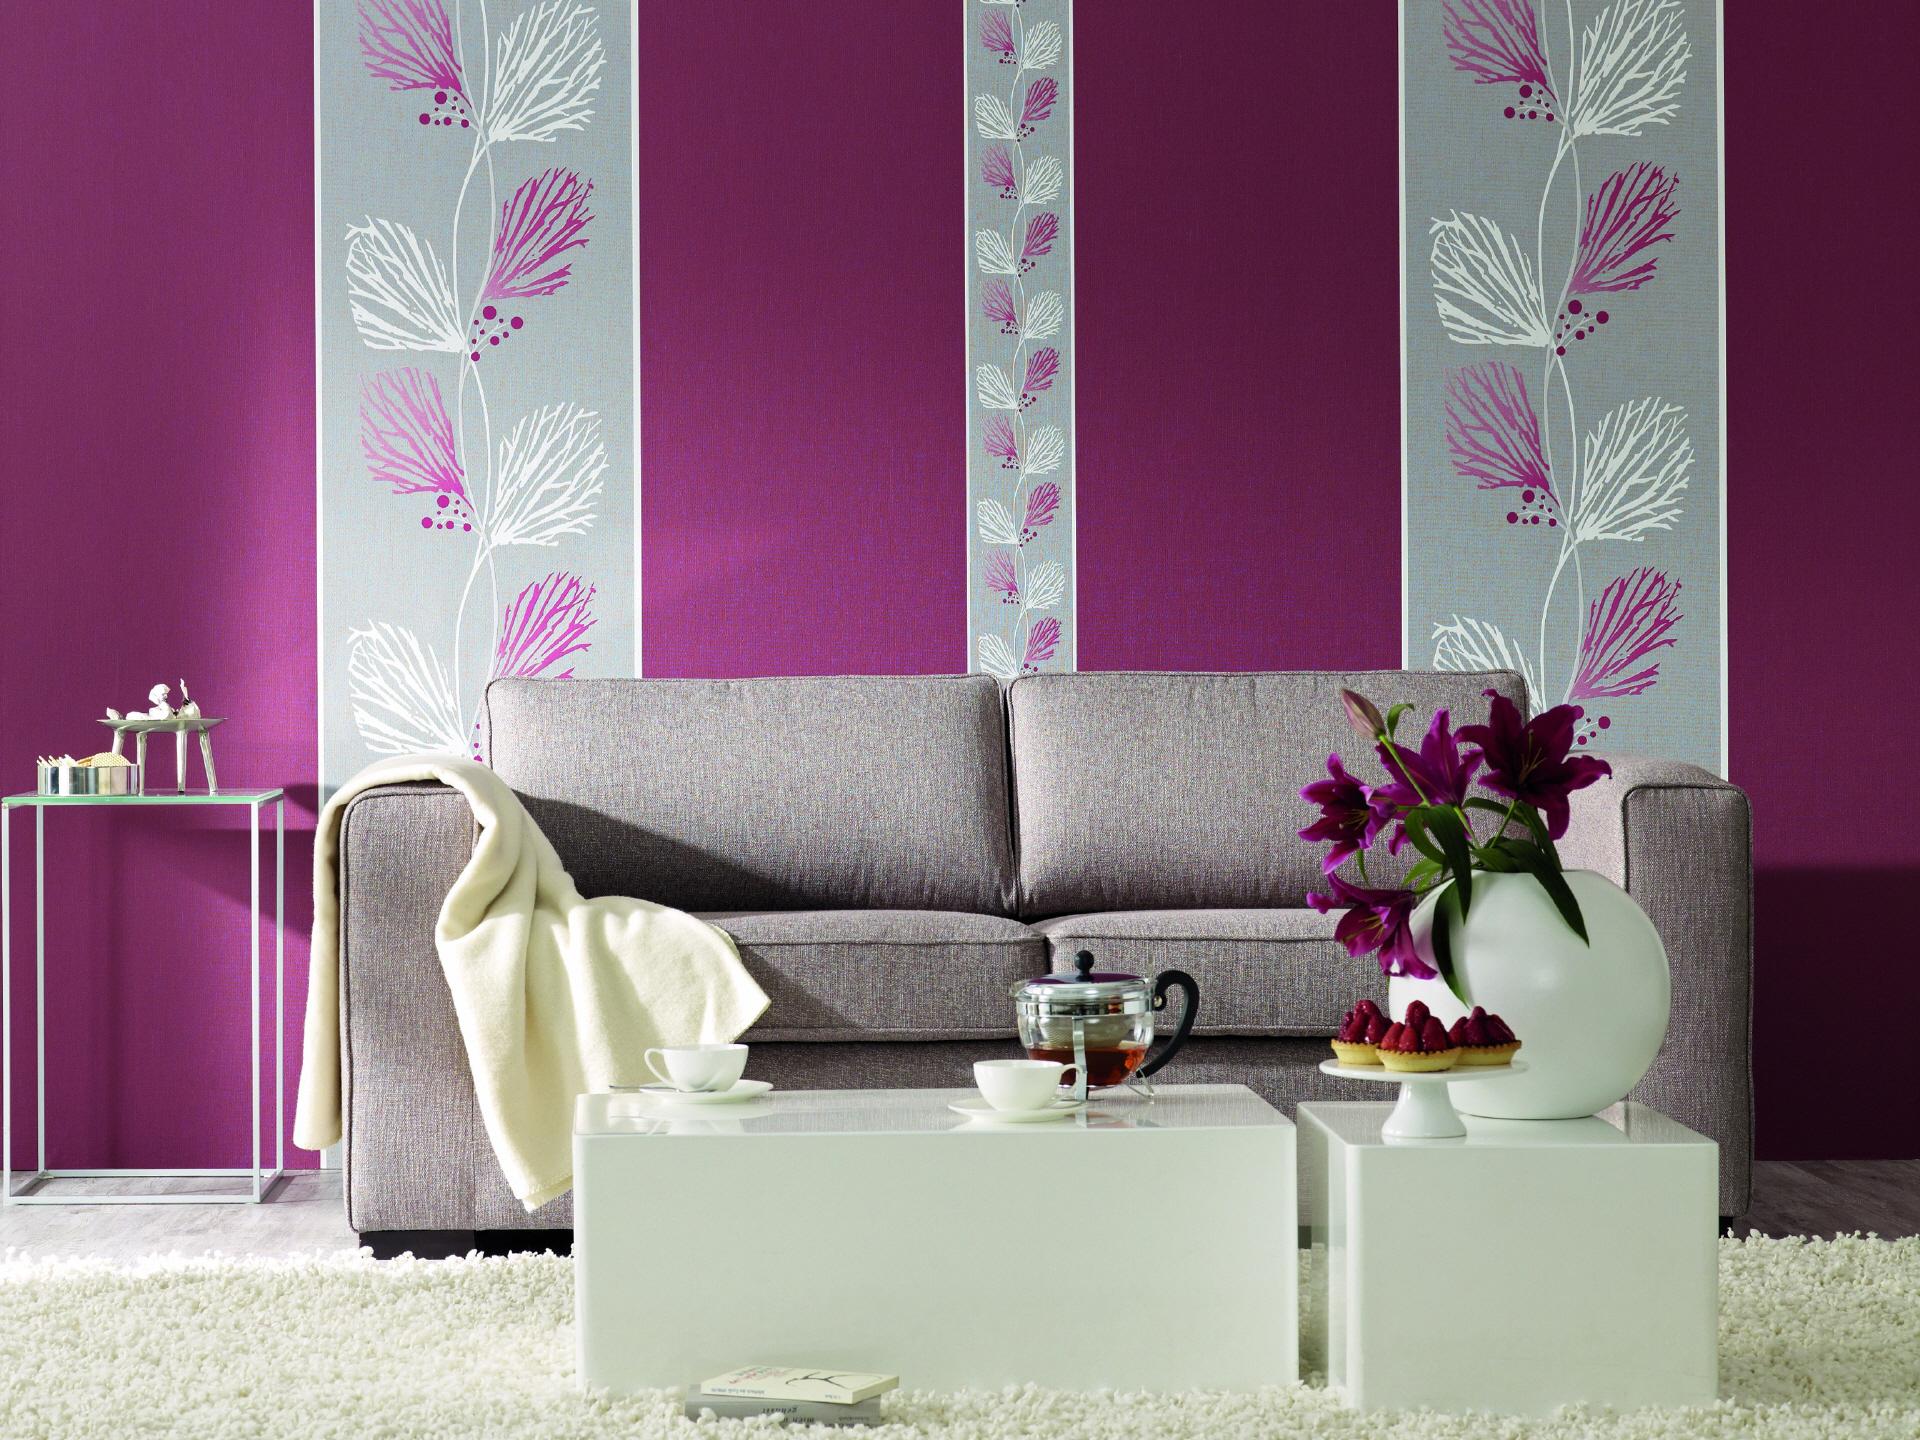 цветные обои для стен идеи фото таз максимально